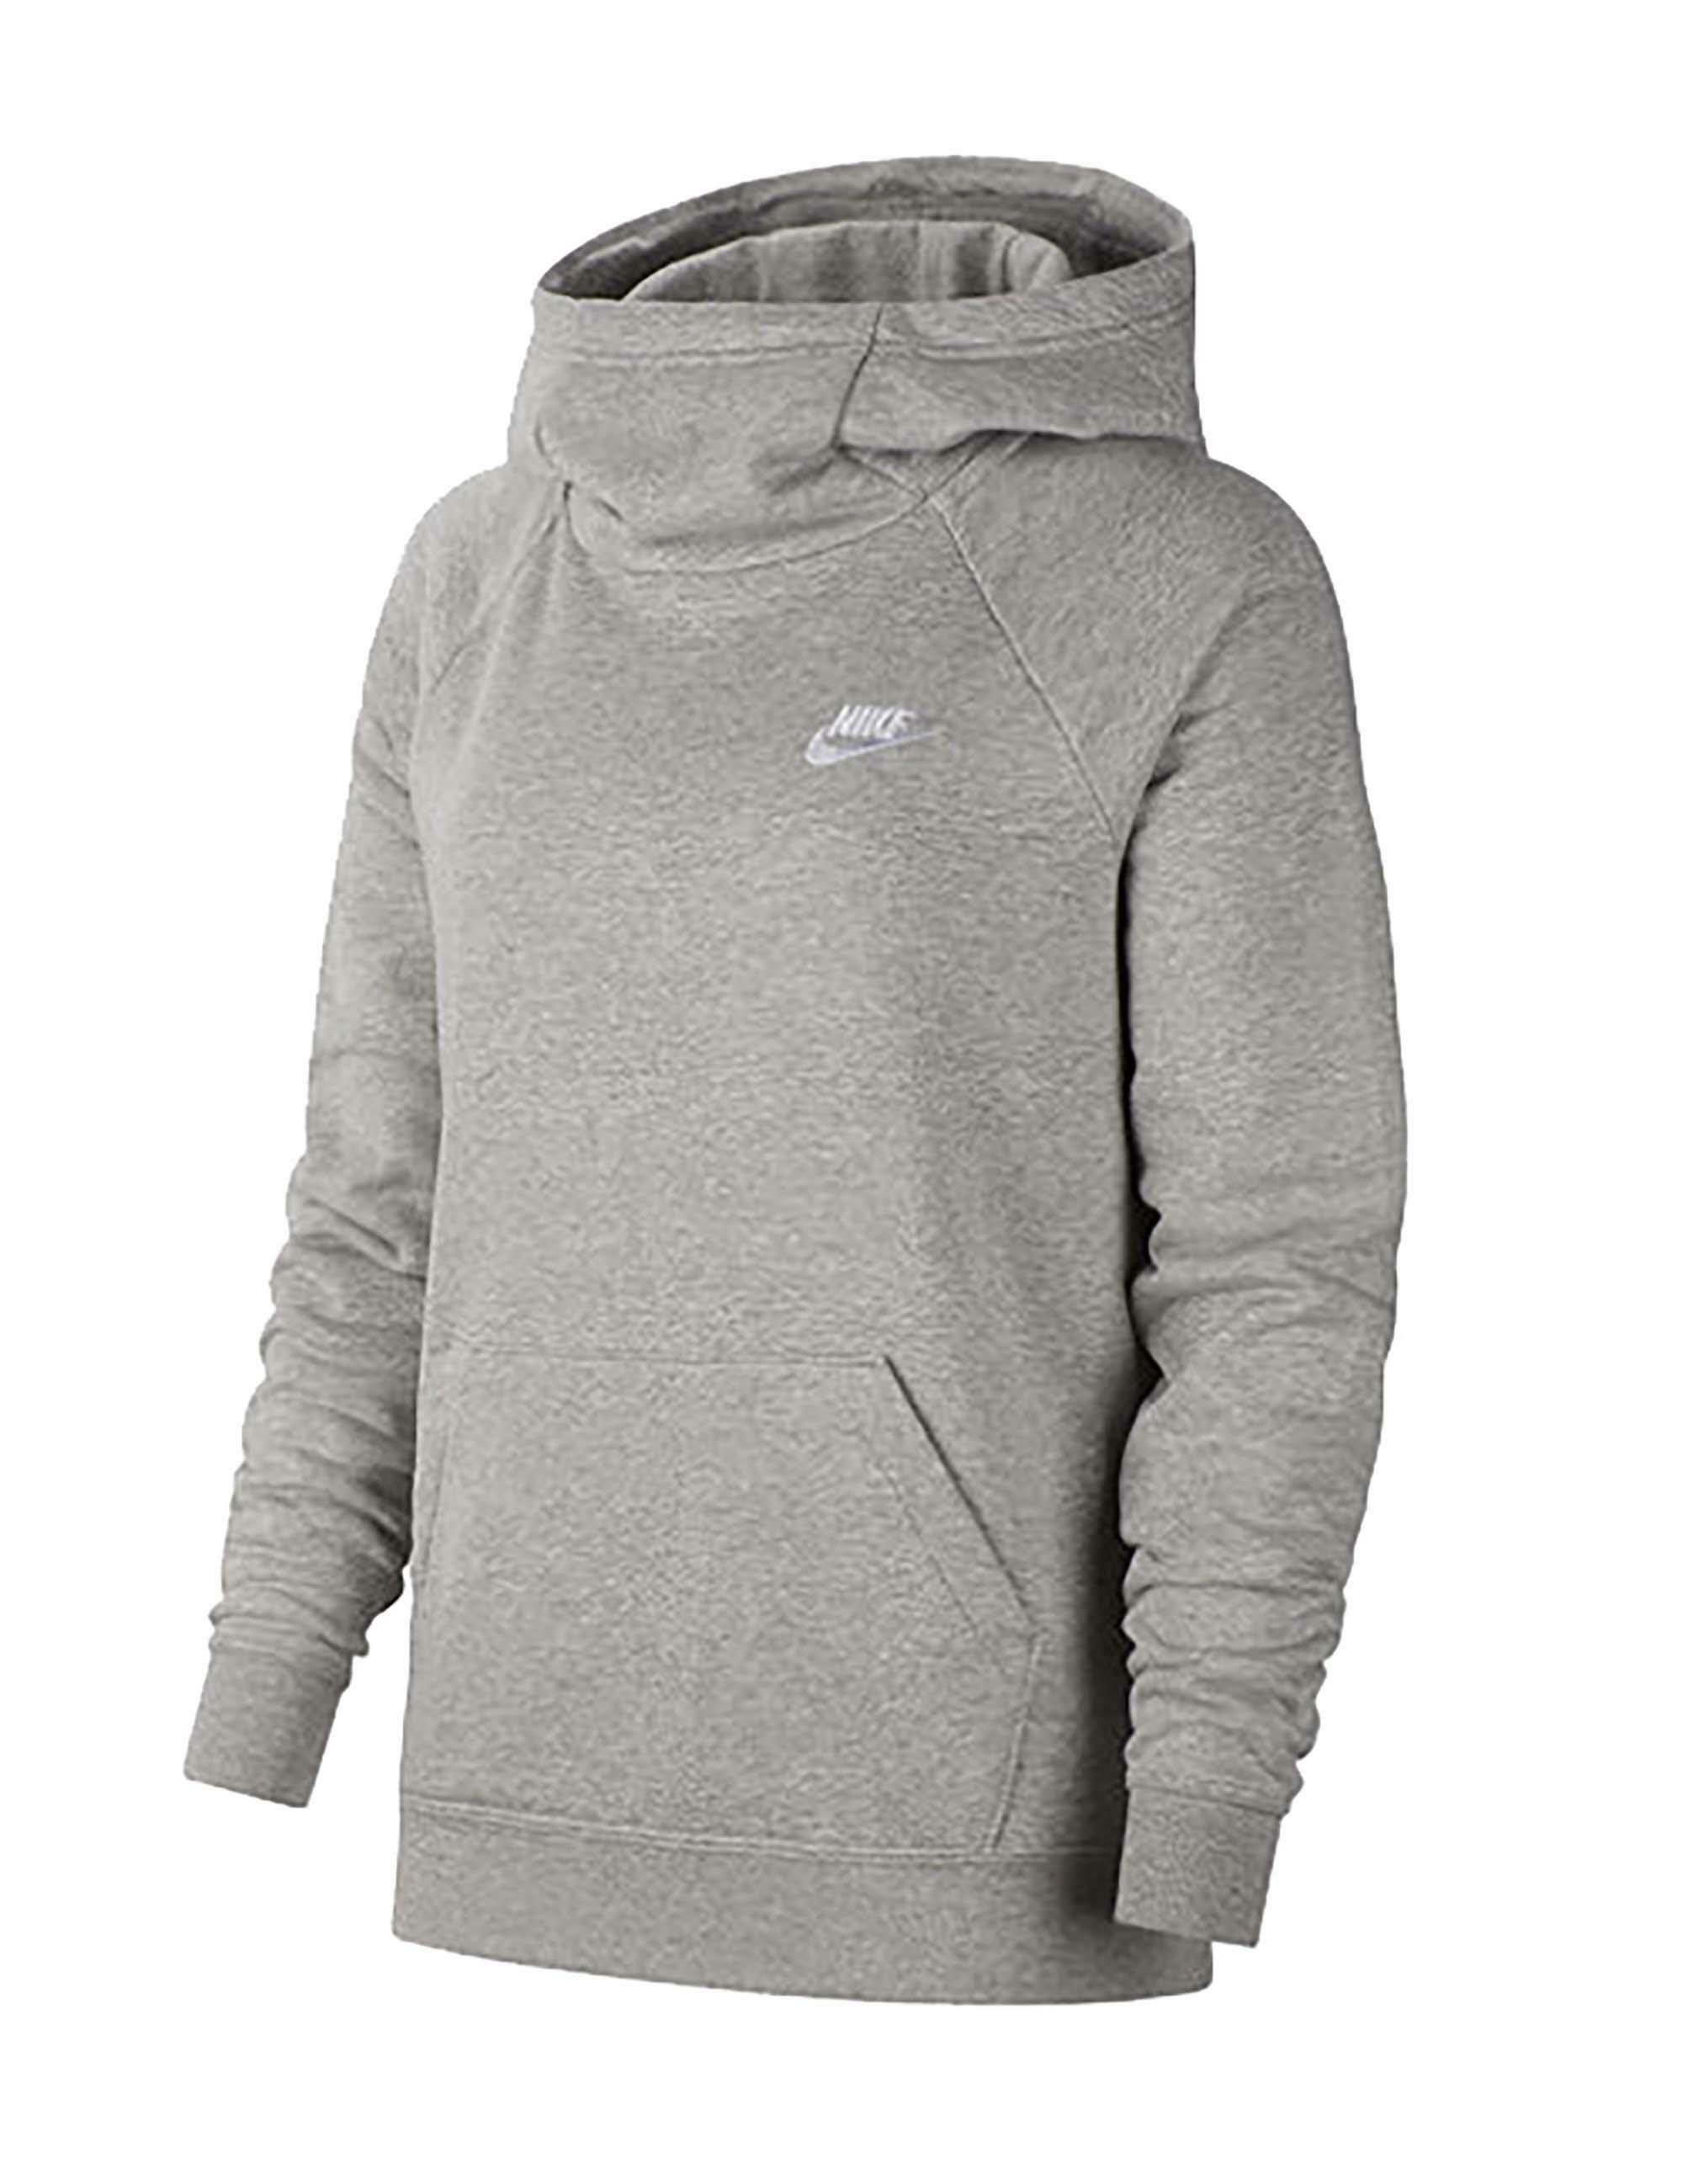 hoodie nike femme gris